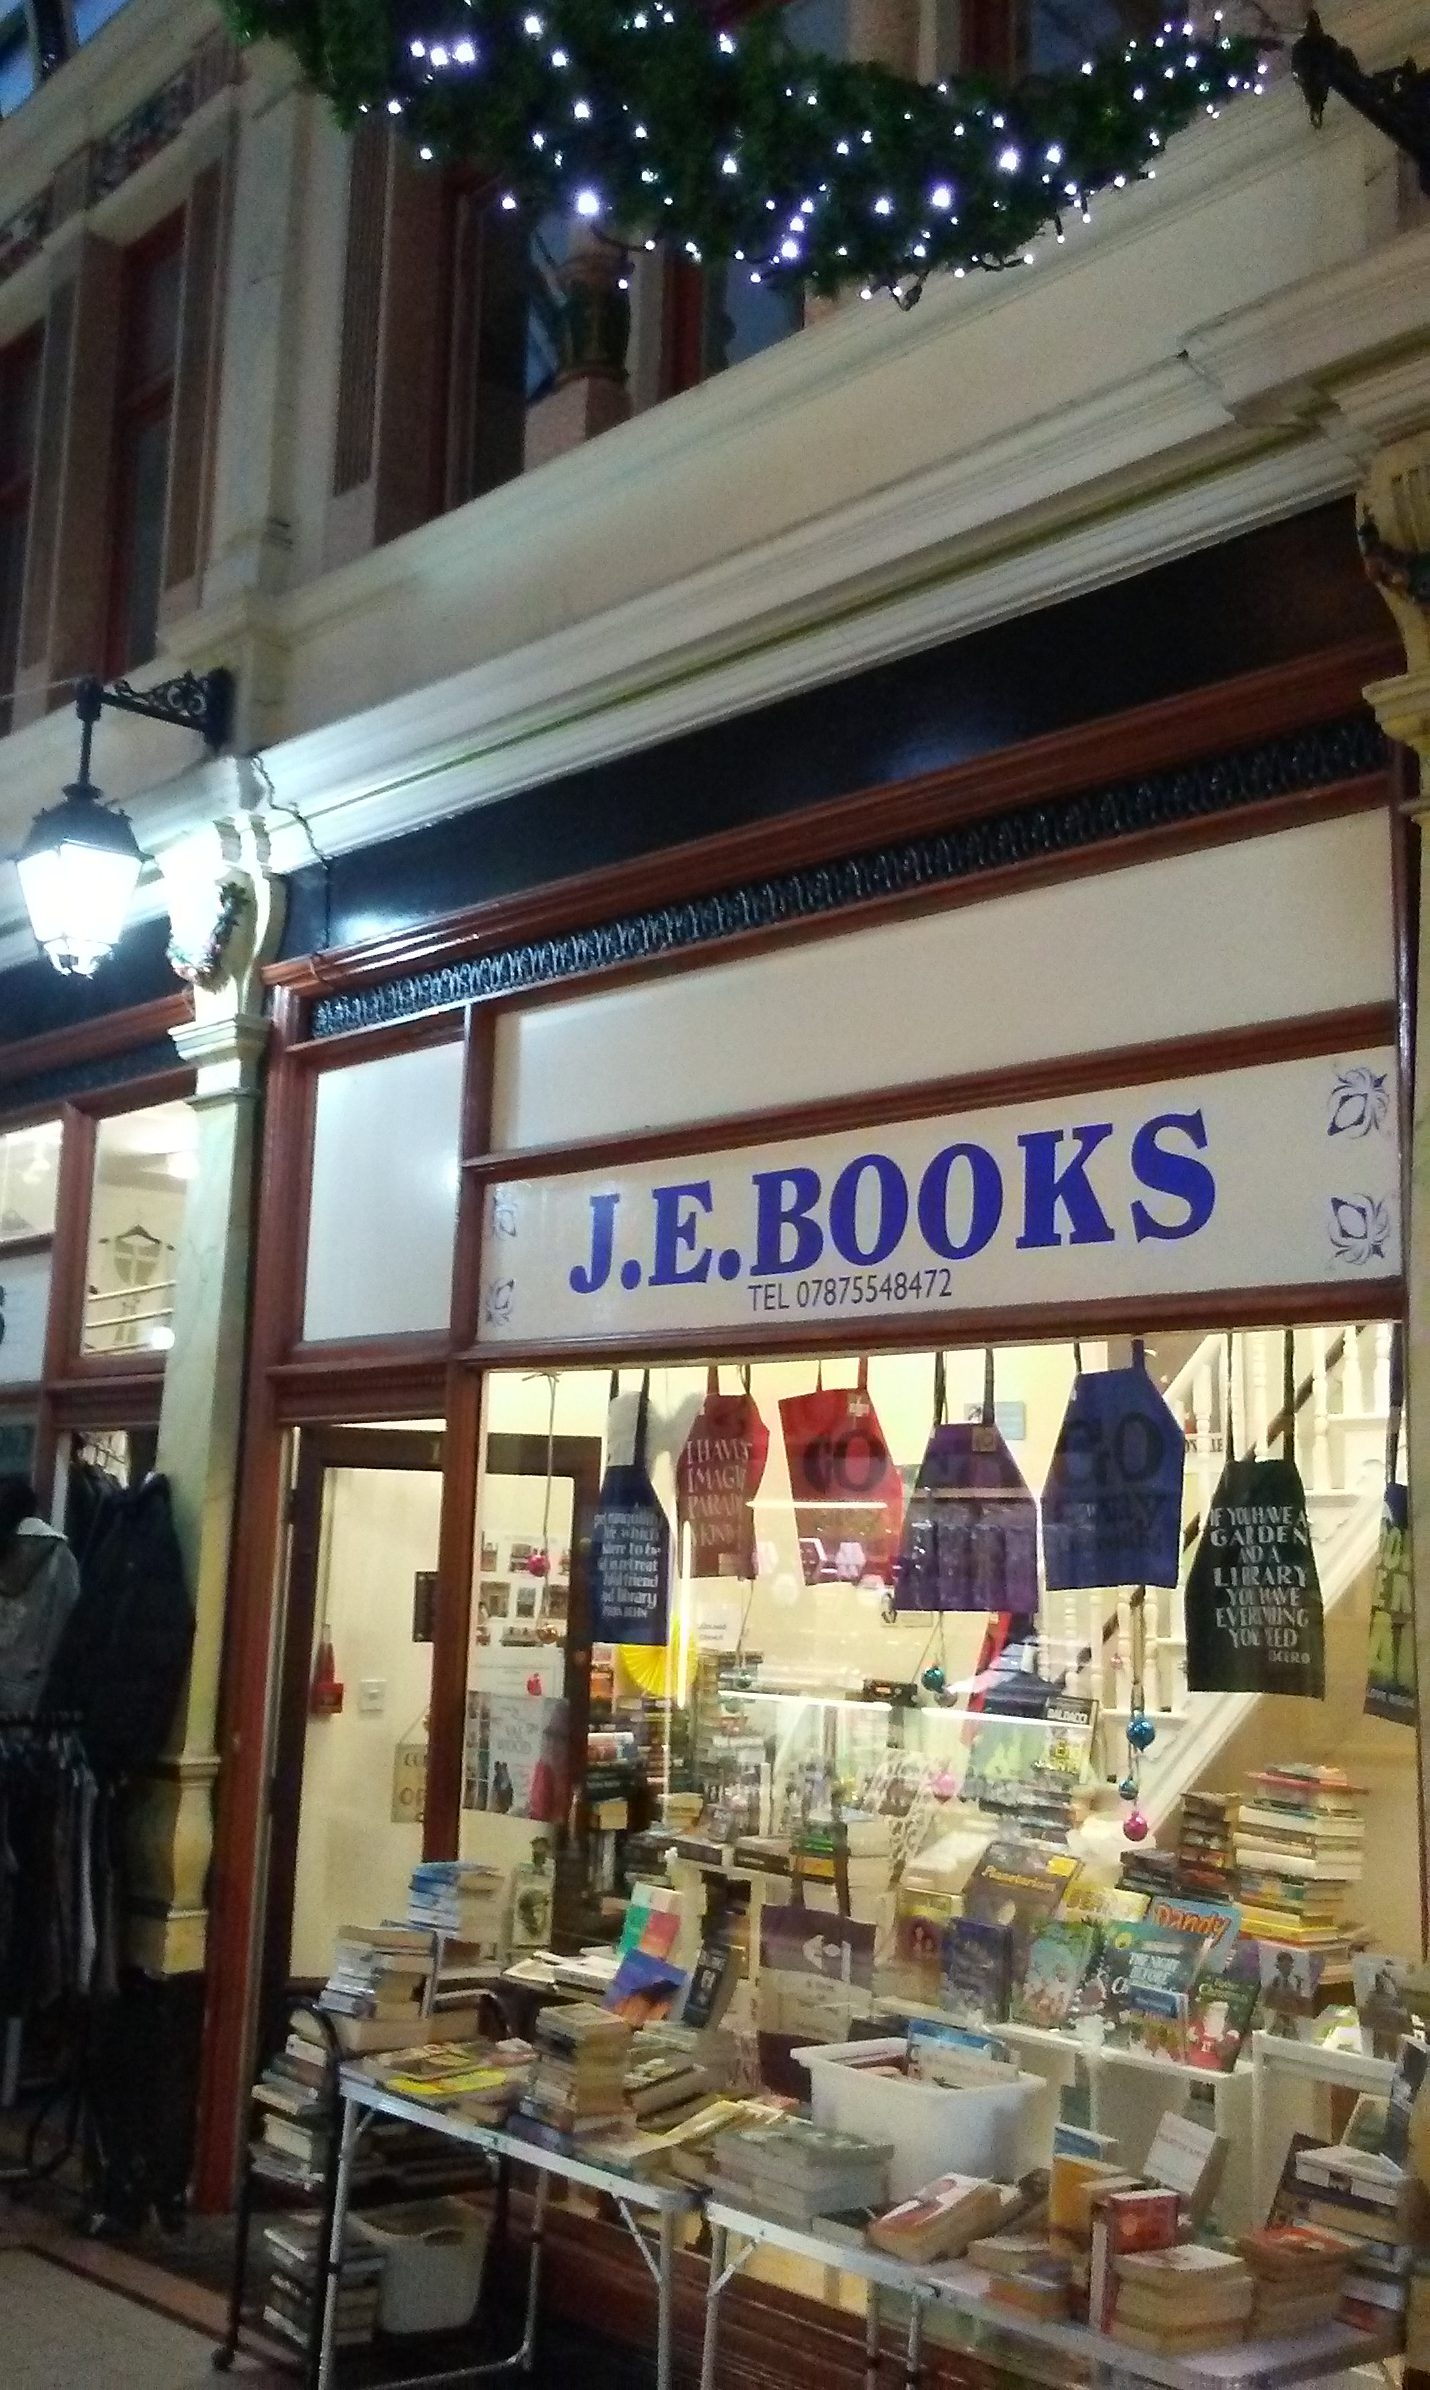 J. E. Books